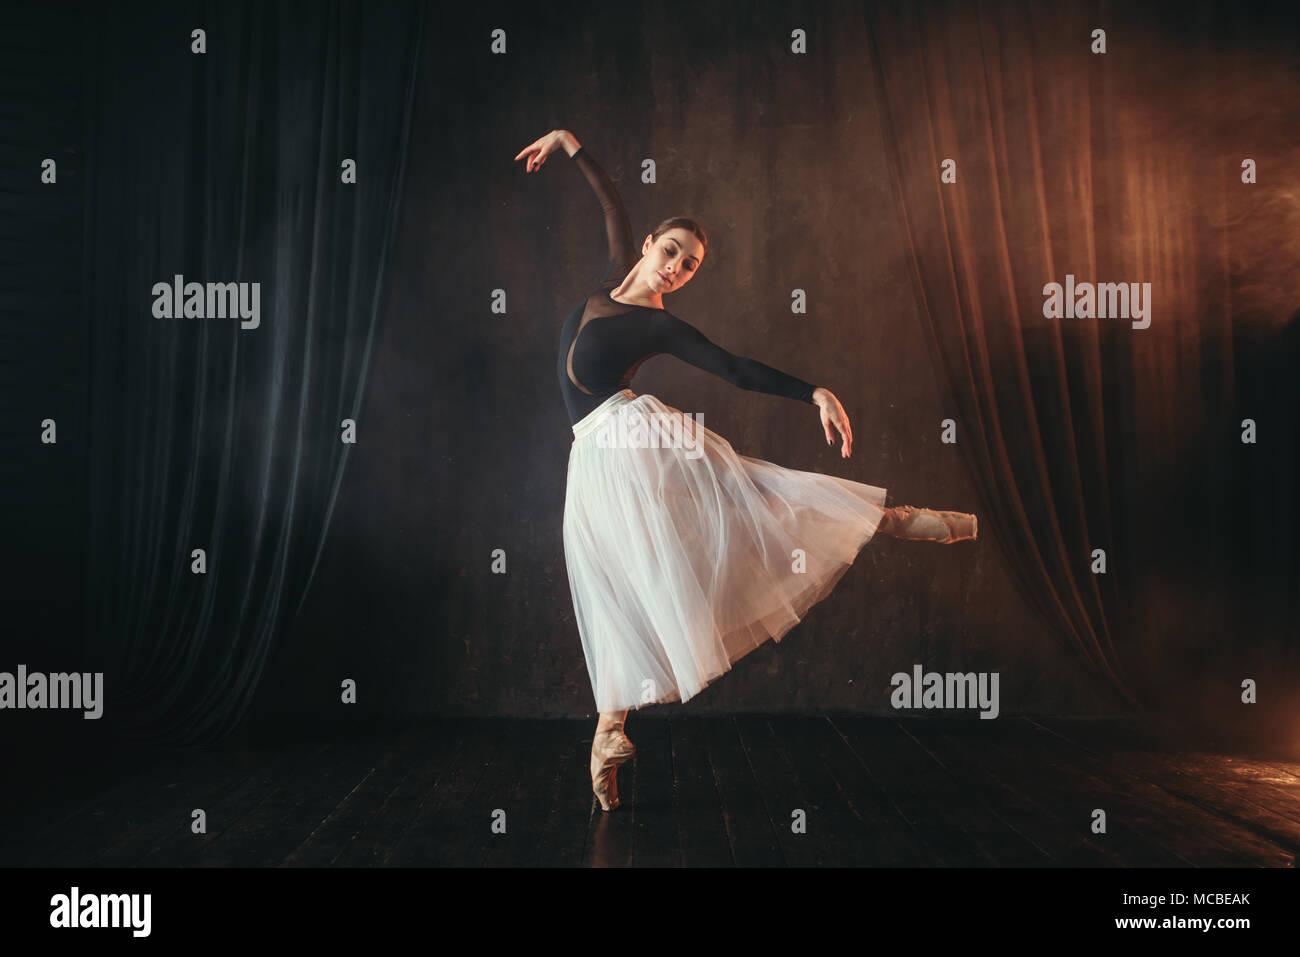 Ballerina classica in movimento sul palco Immagini Stock